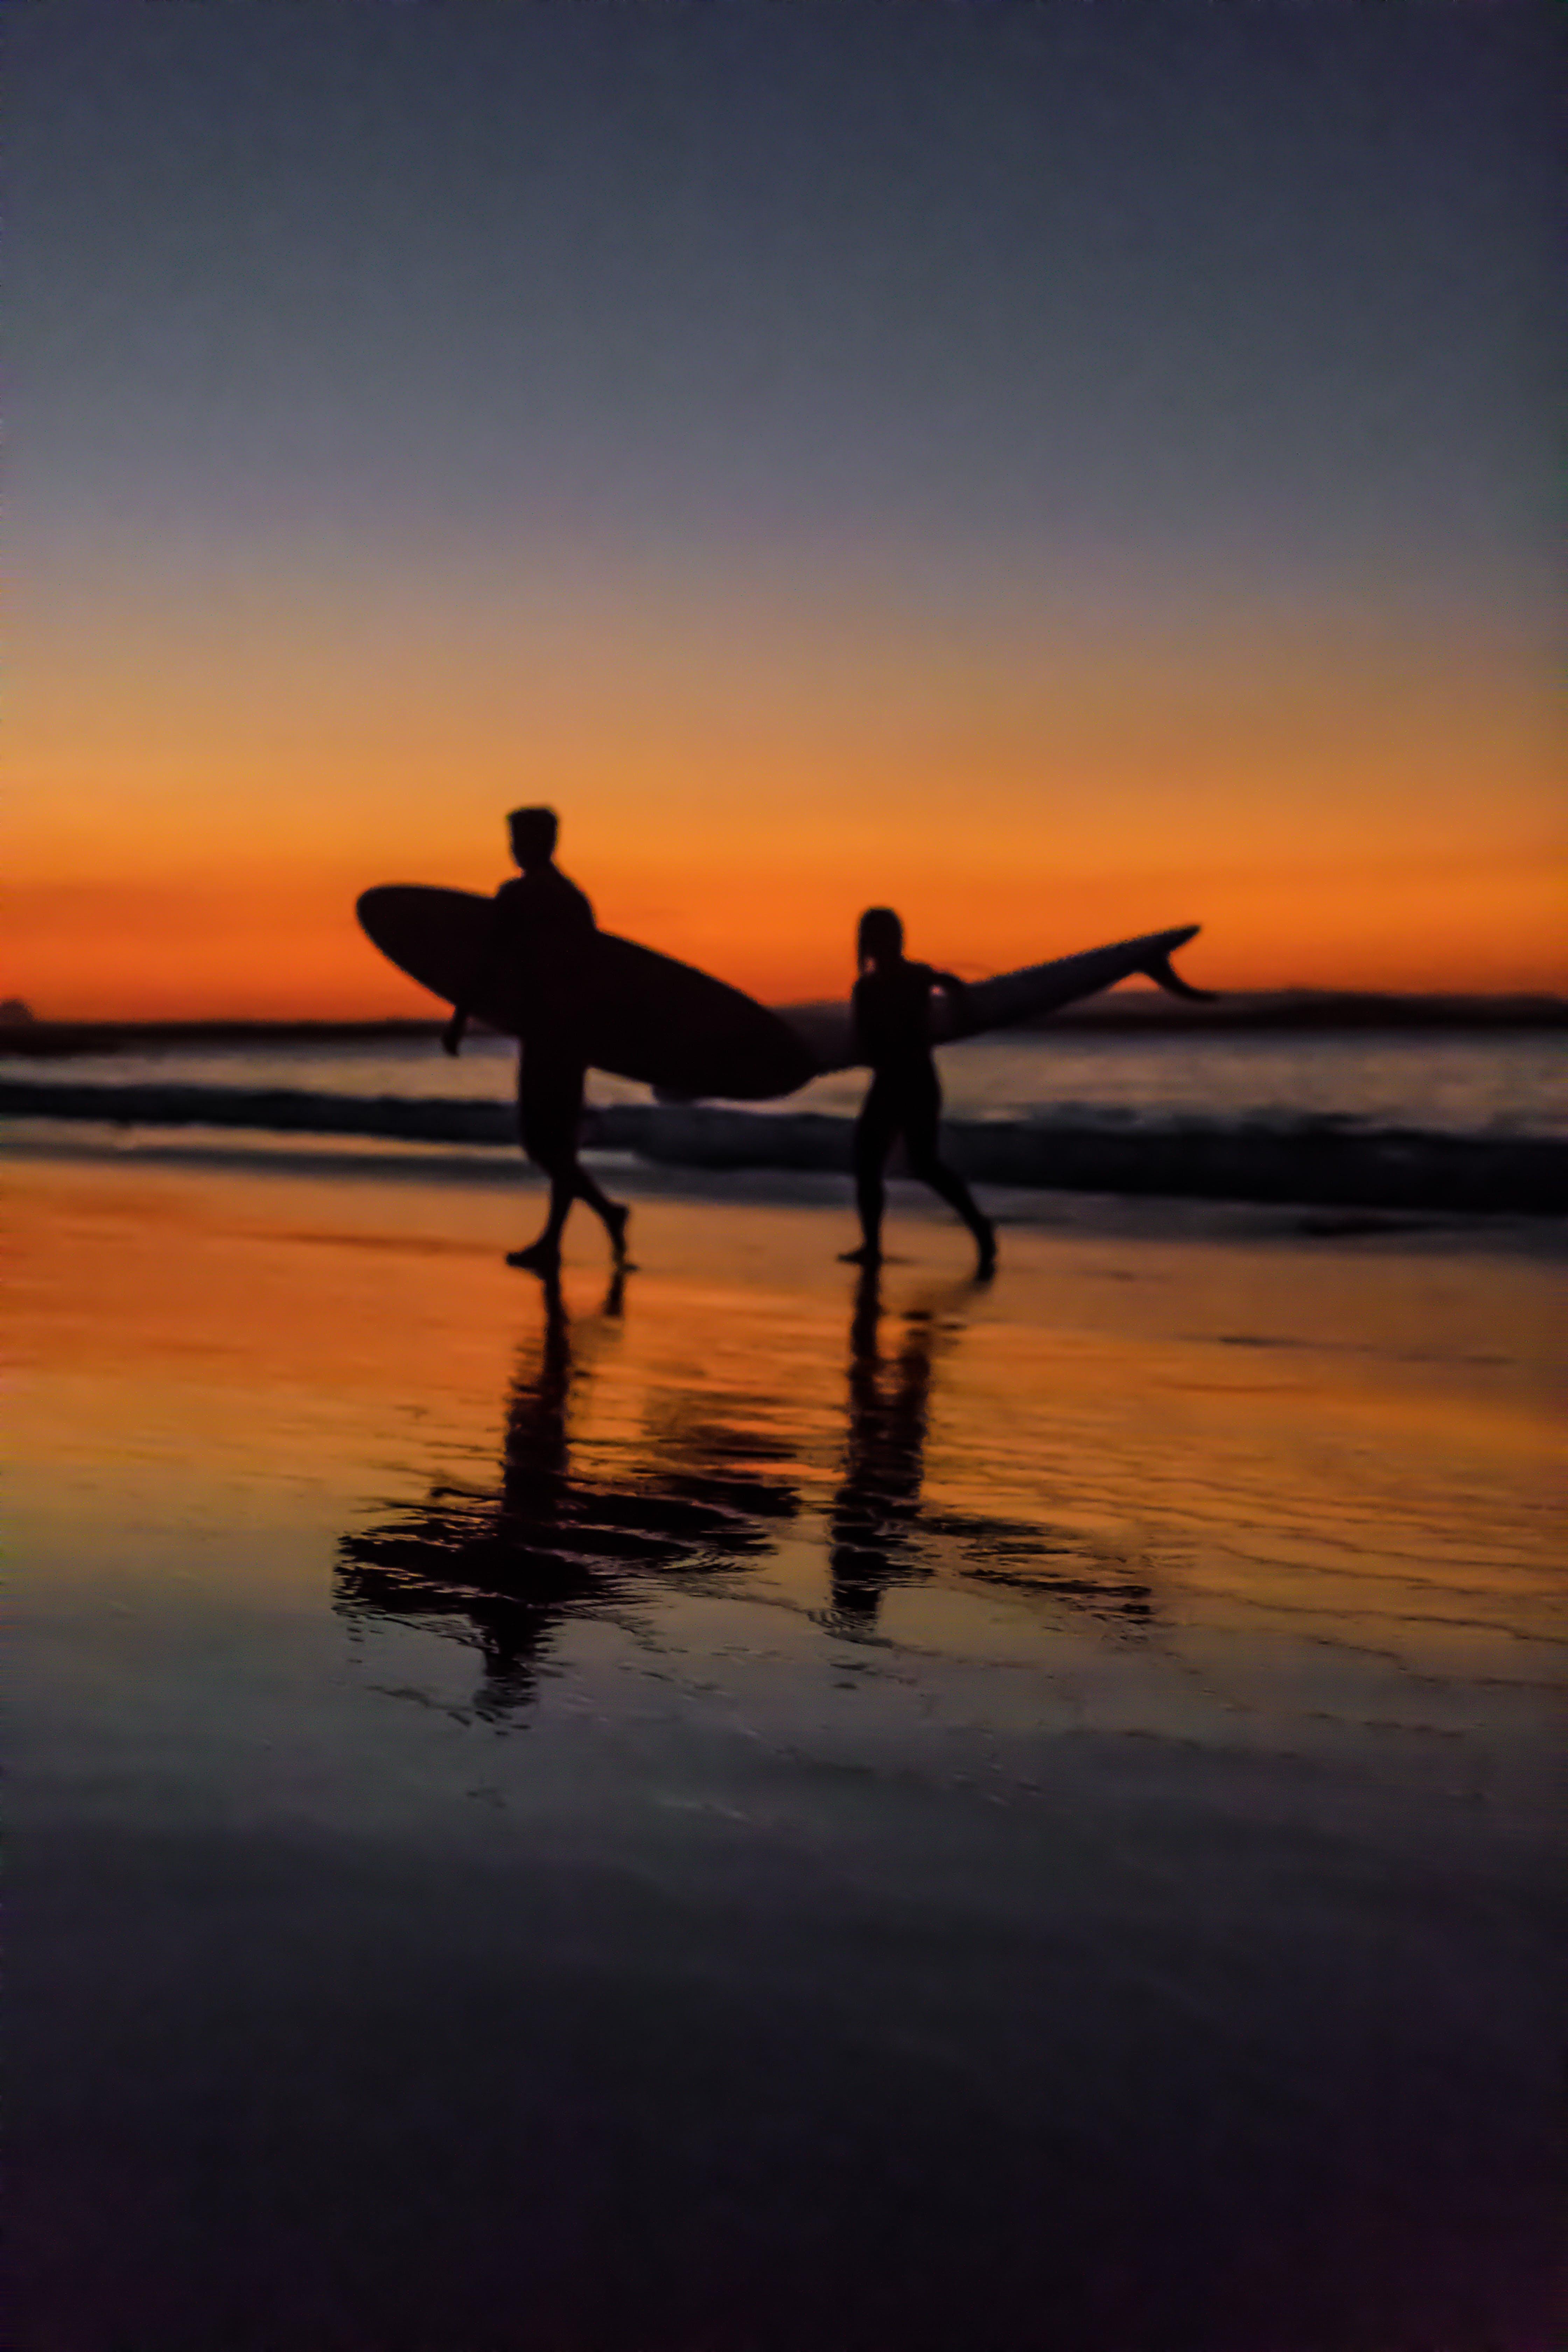 Kostnadsfri bild av bakgrundsbelyst, gryning, hav, havsområde